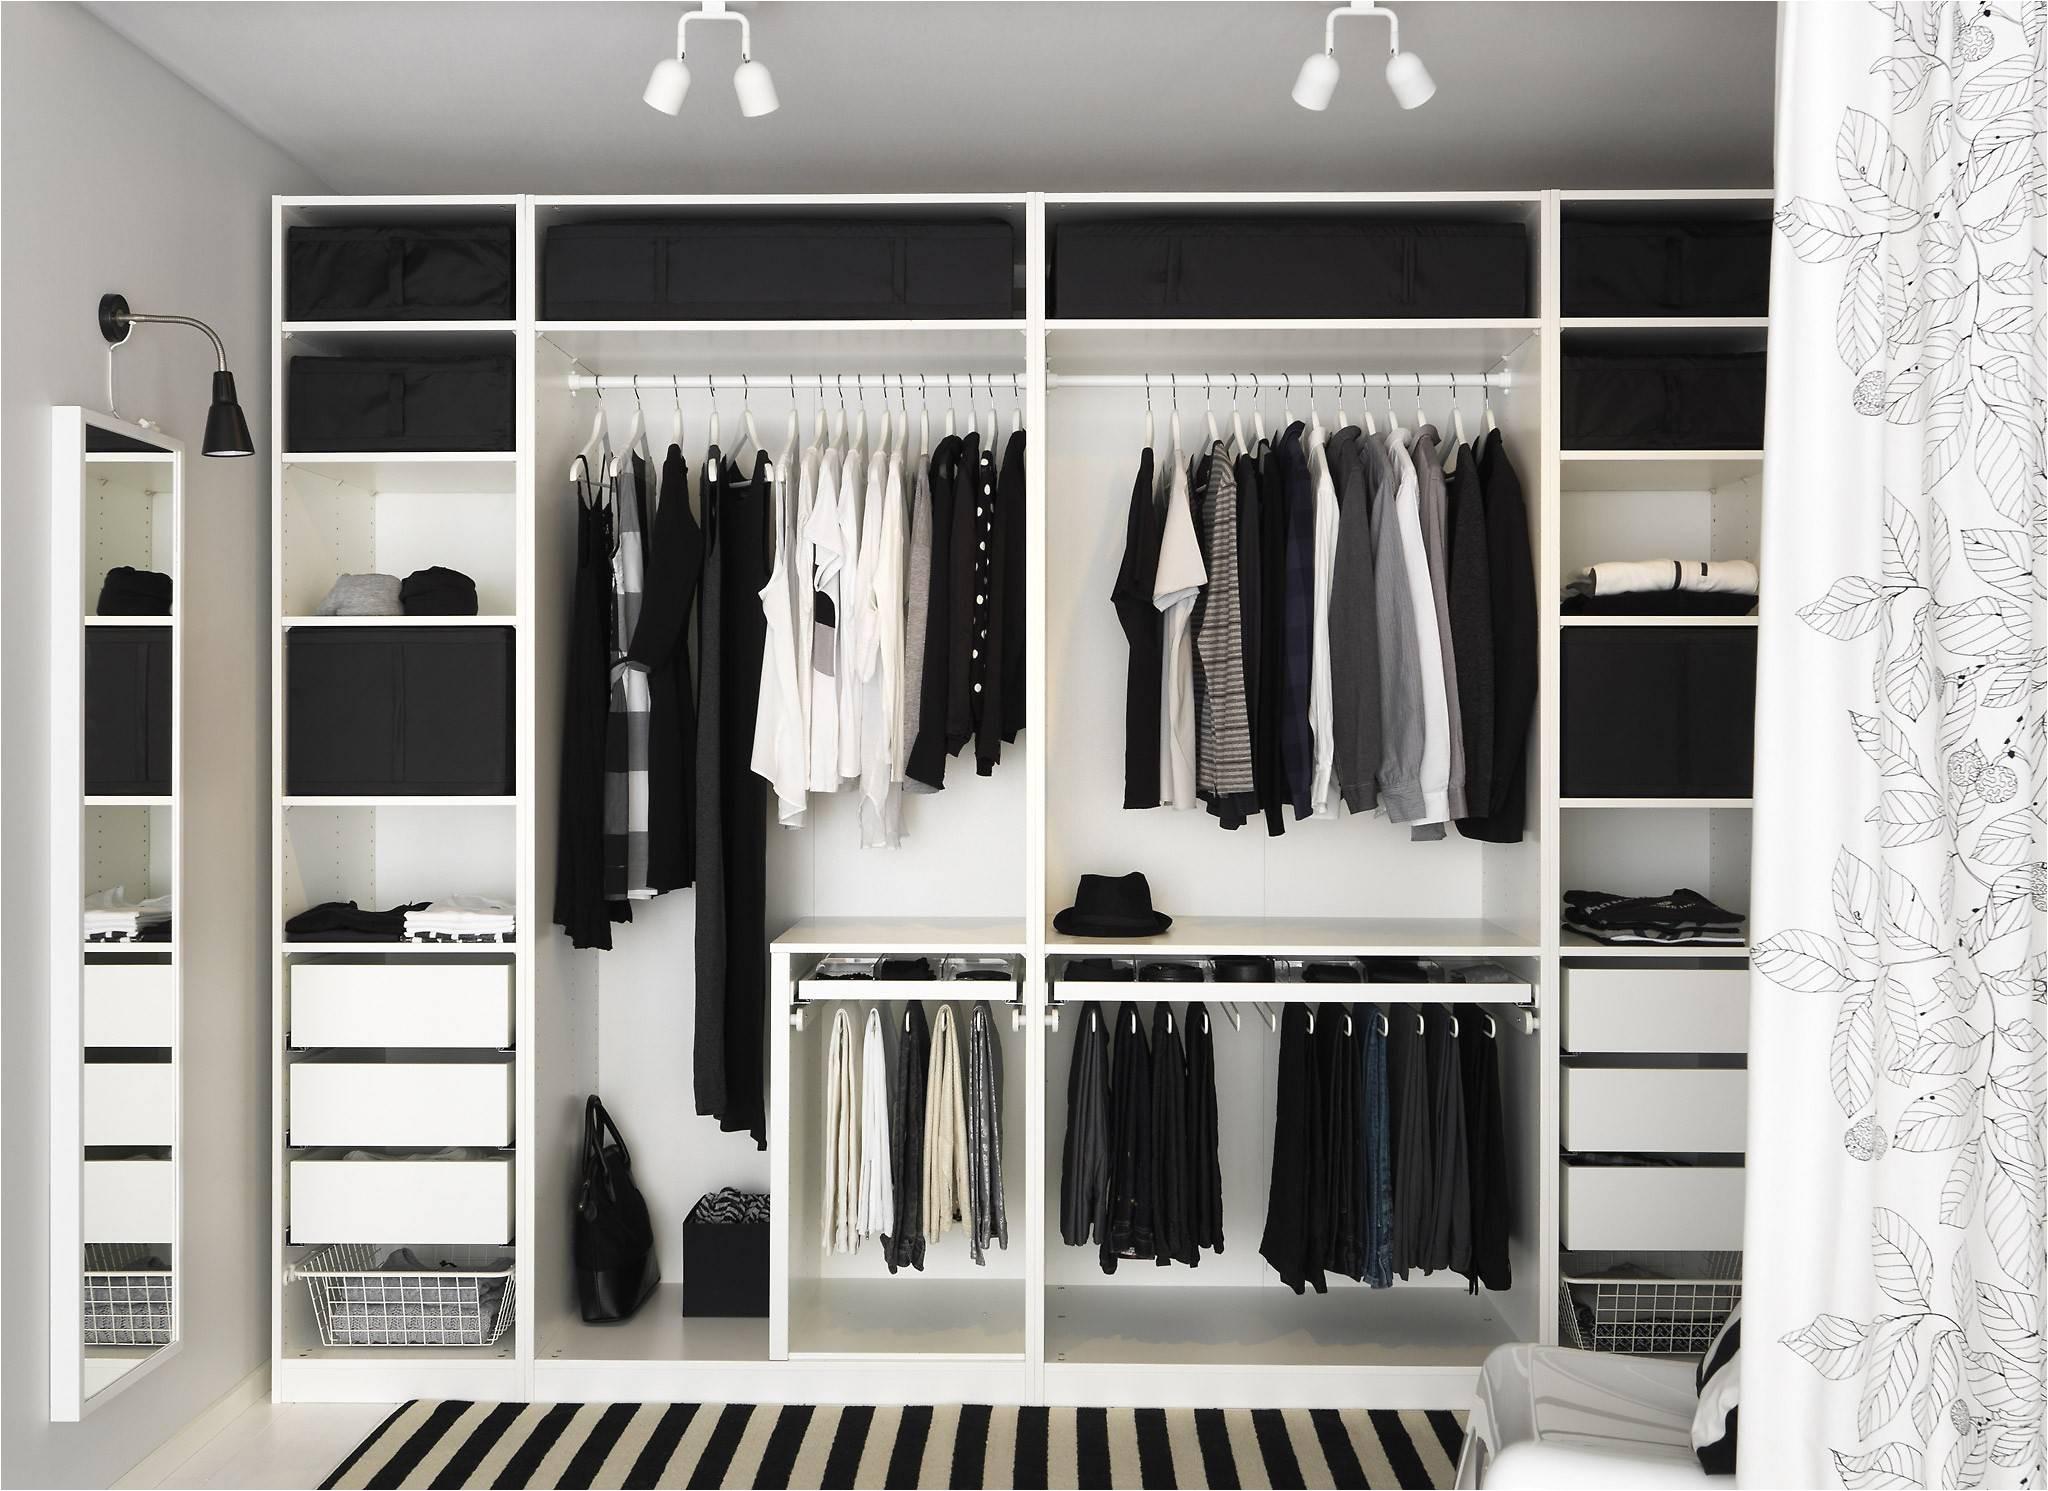 Ikea-usa/pax Planner | AdinaPorter